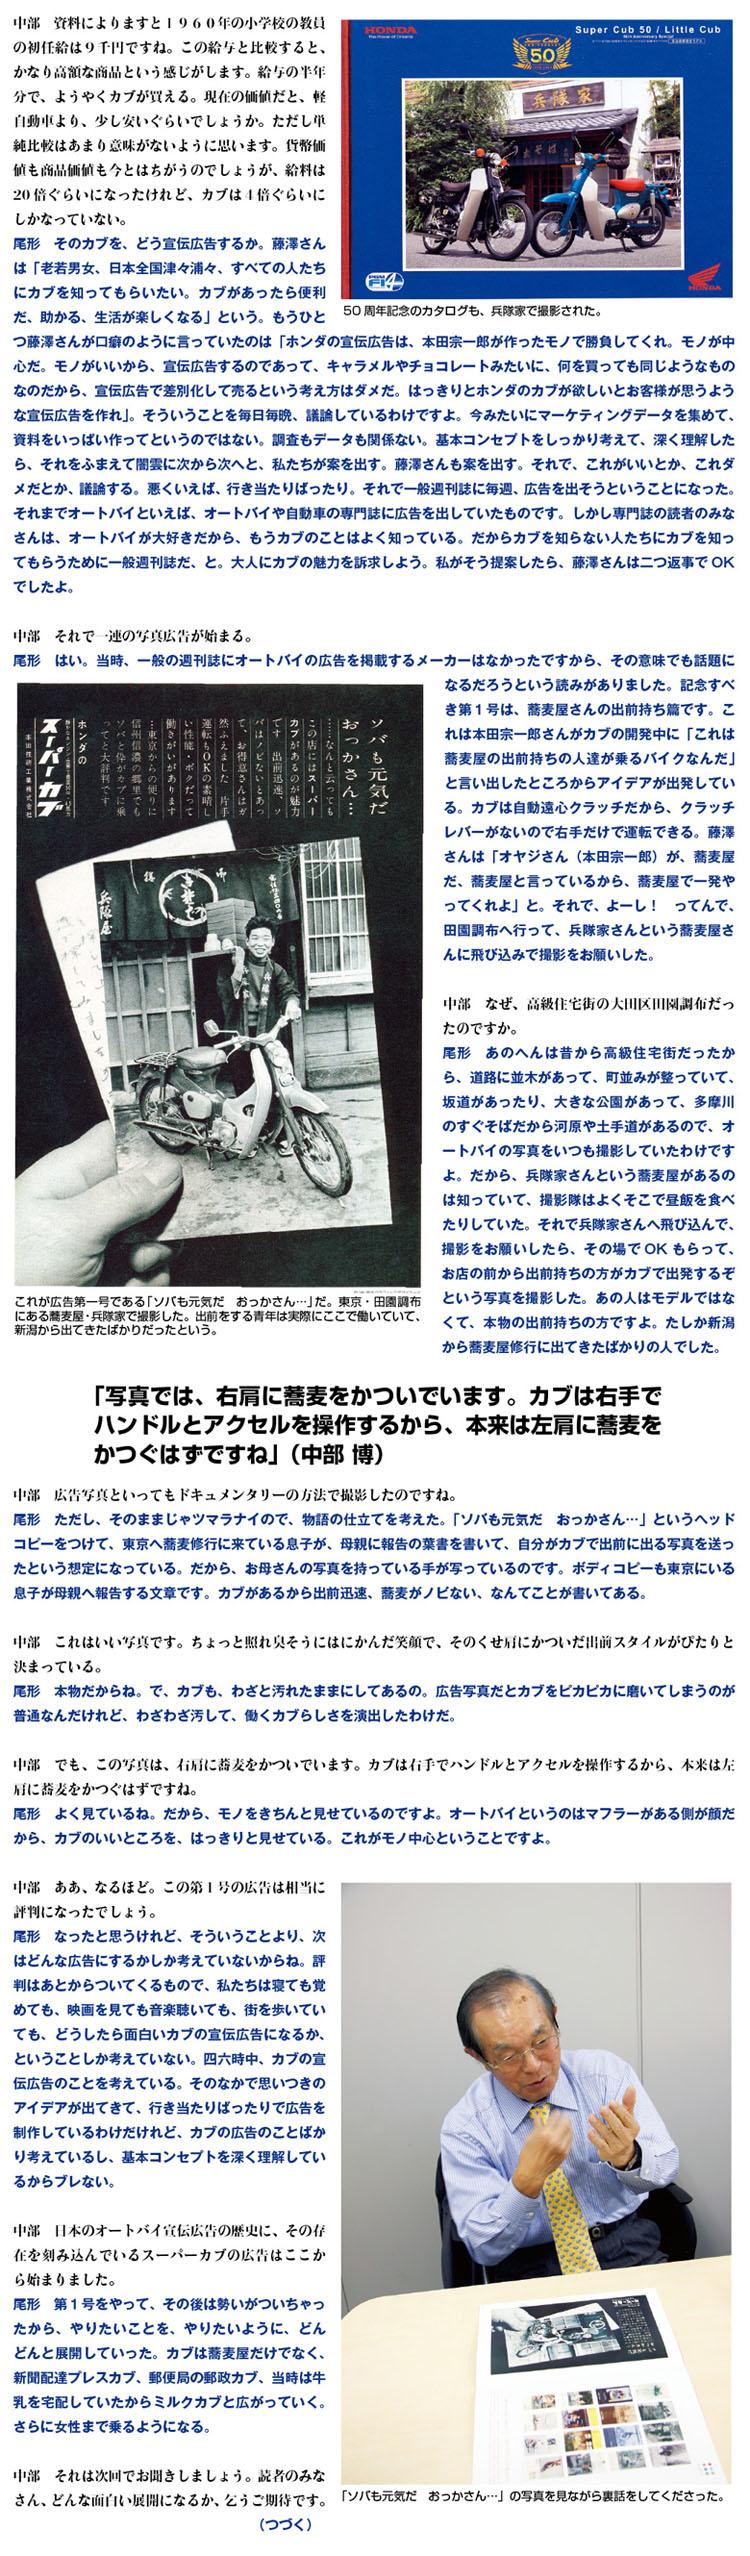 広告宣伝に見るスーパーカブの歴史 51年目の真実1-5